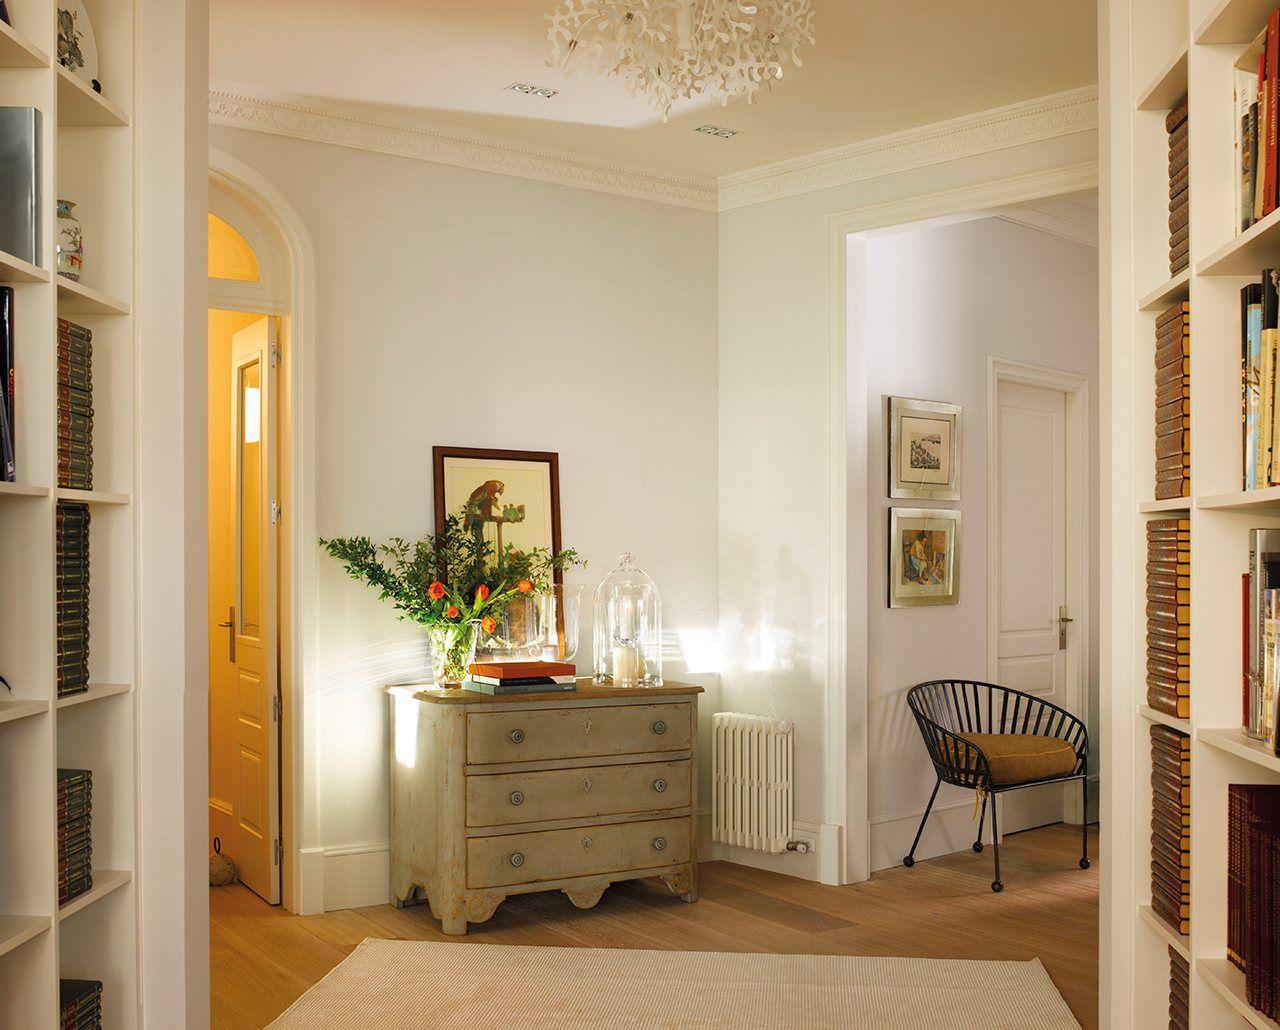 Un Piso Decorado Con Mucho Estilo Elmueble Com Casas Mi Casa  # Muebles Gimenez Recibidores